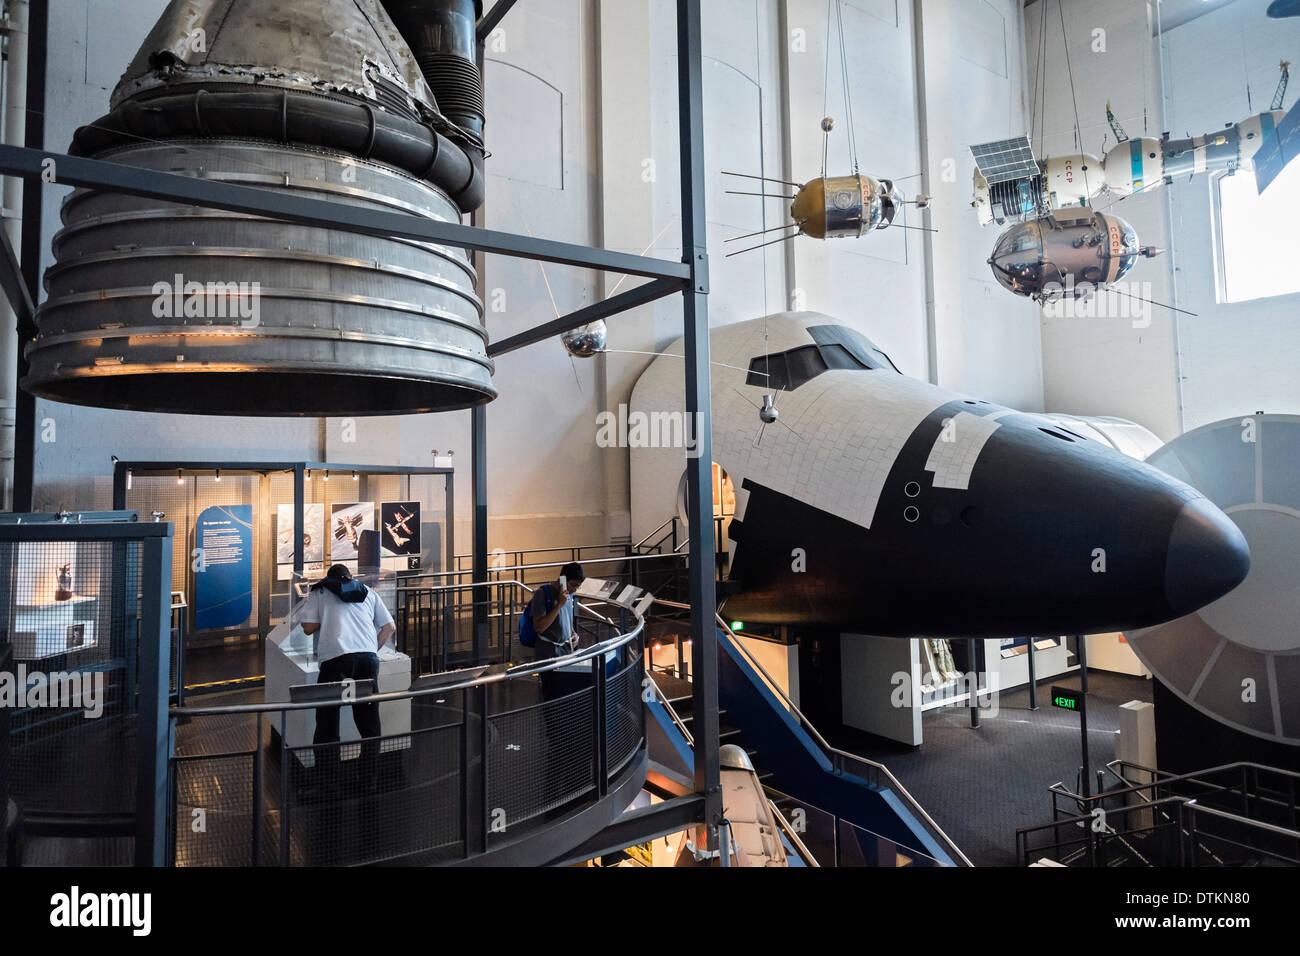 Interior del museo de ciencia y tecnología Powerhouse en Sydney, Australia Imagen De Stock